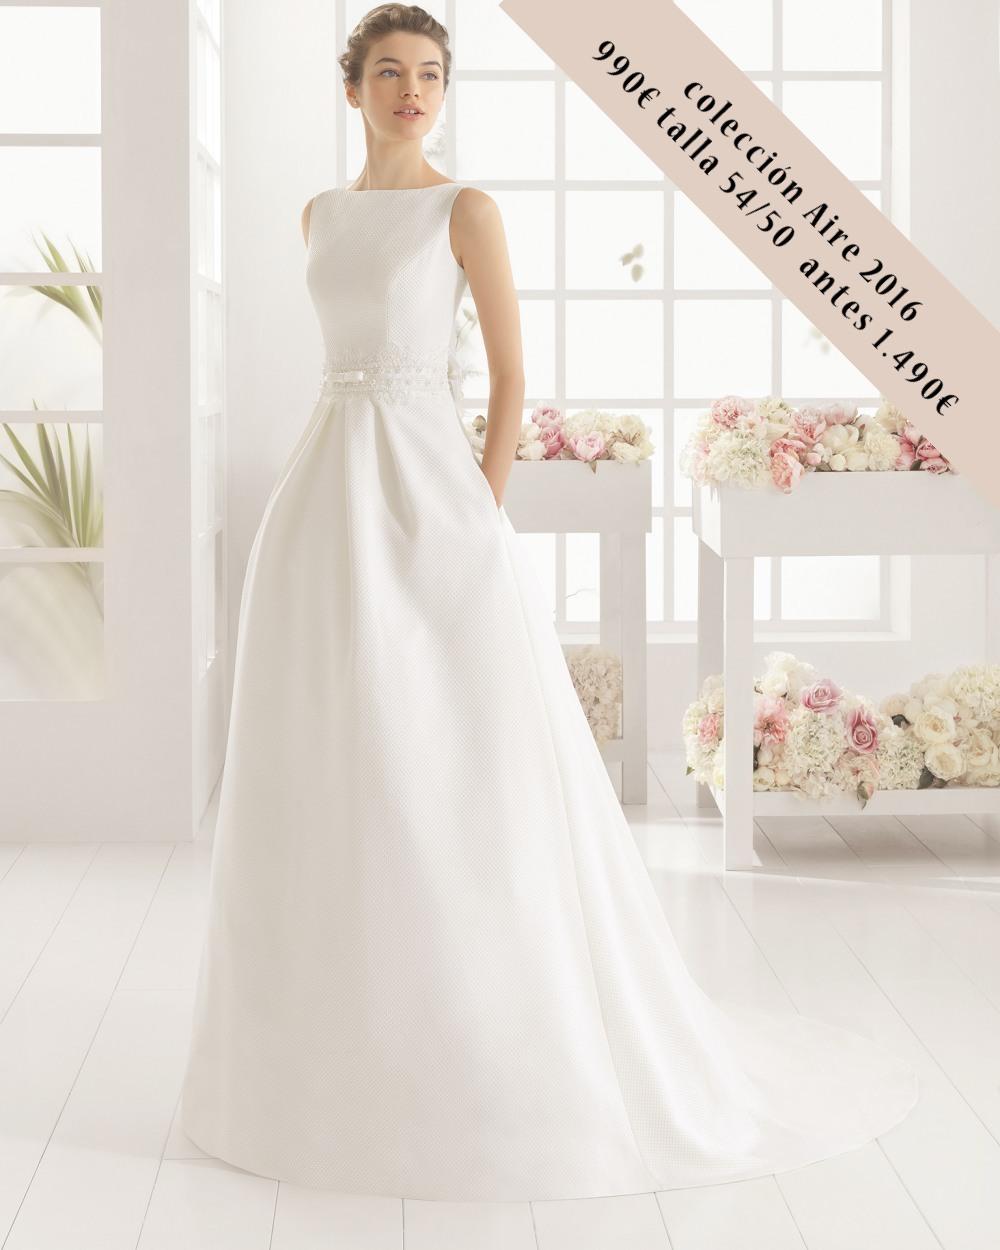 Catálogo De Vestidos De Novia Outlet Valdespastor